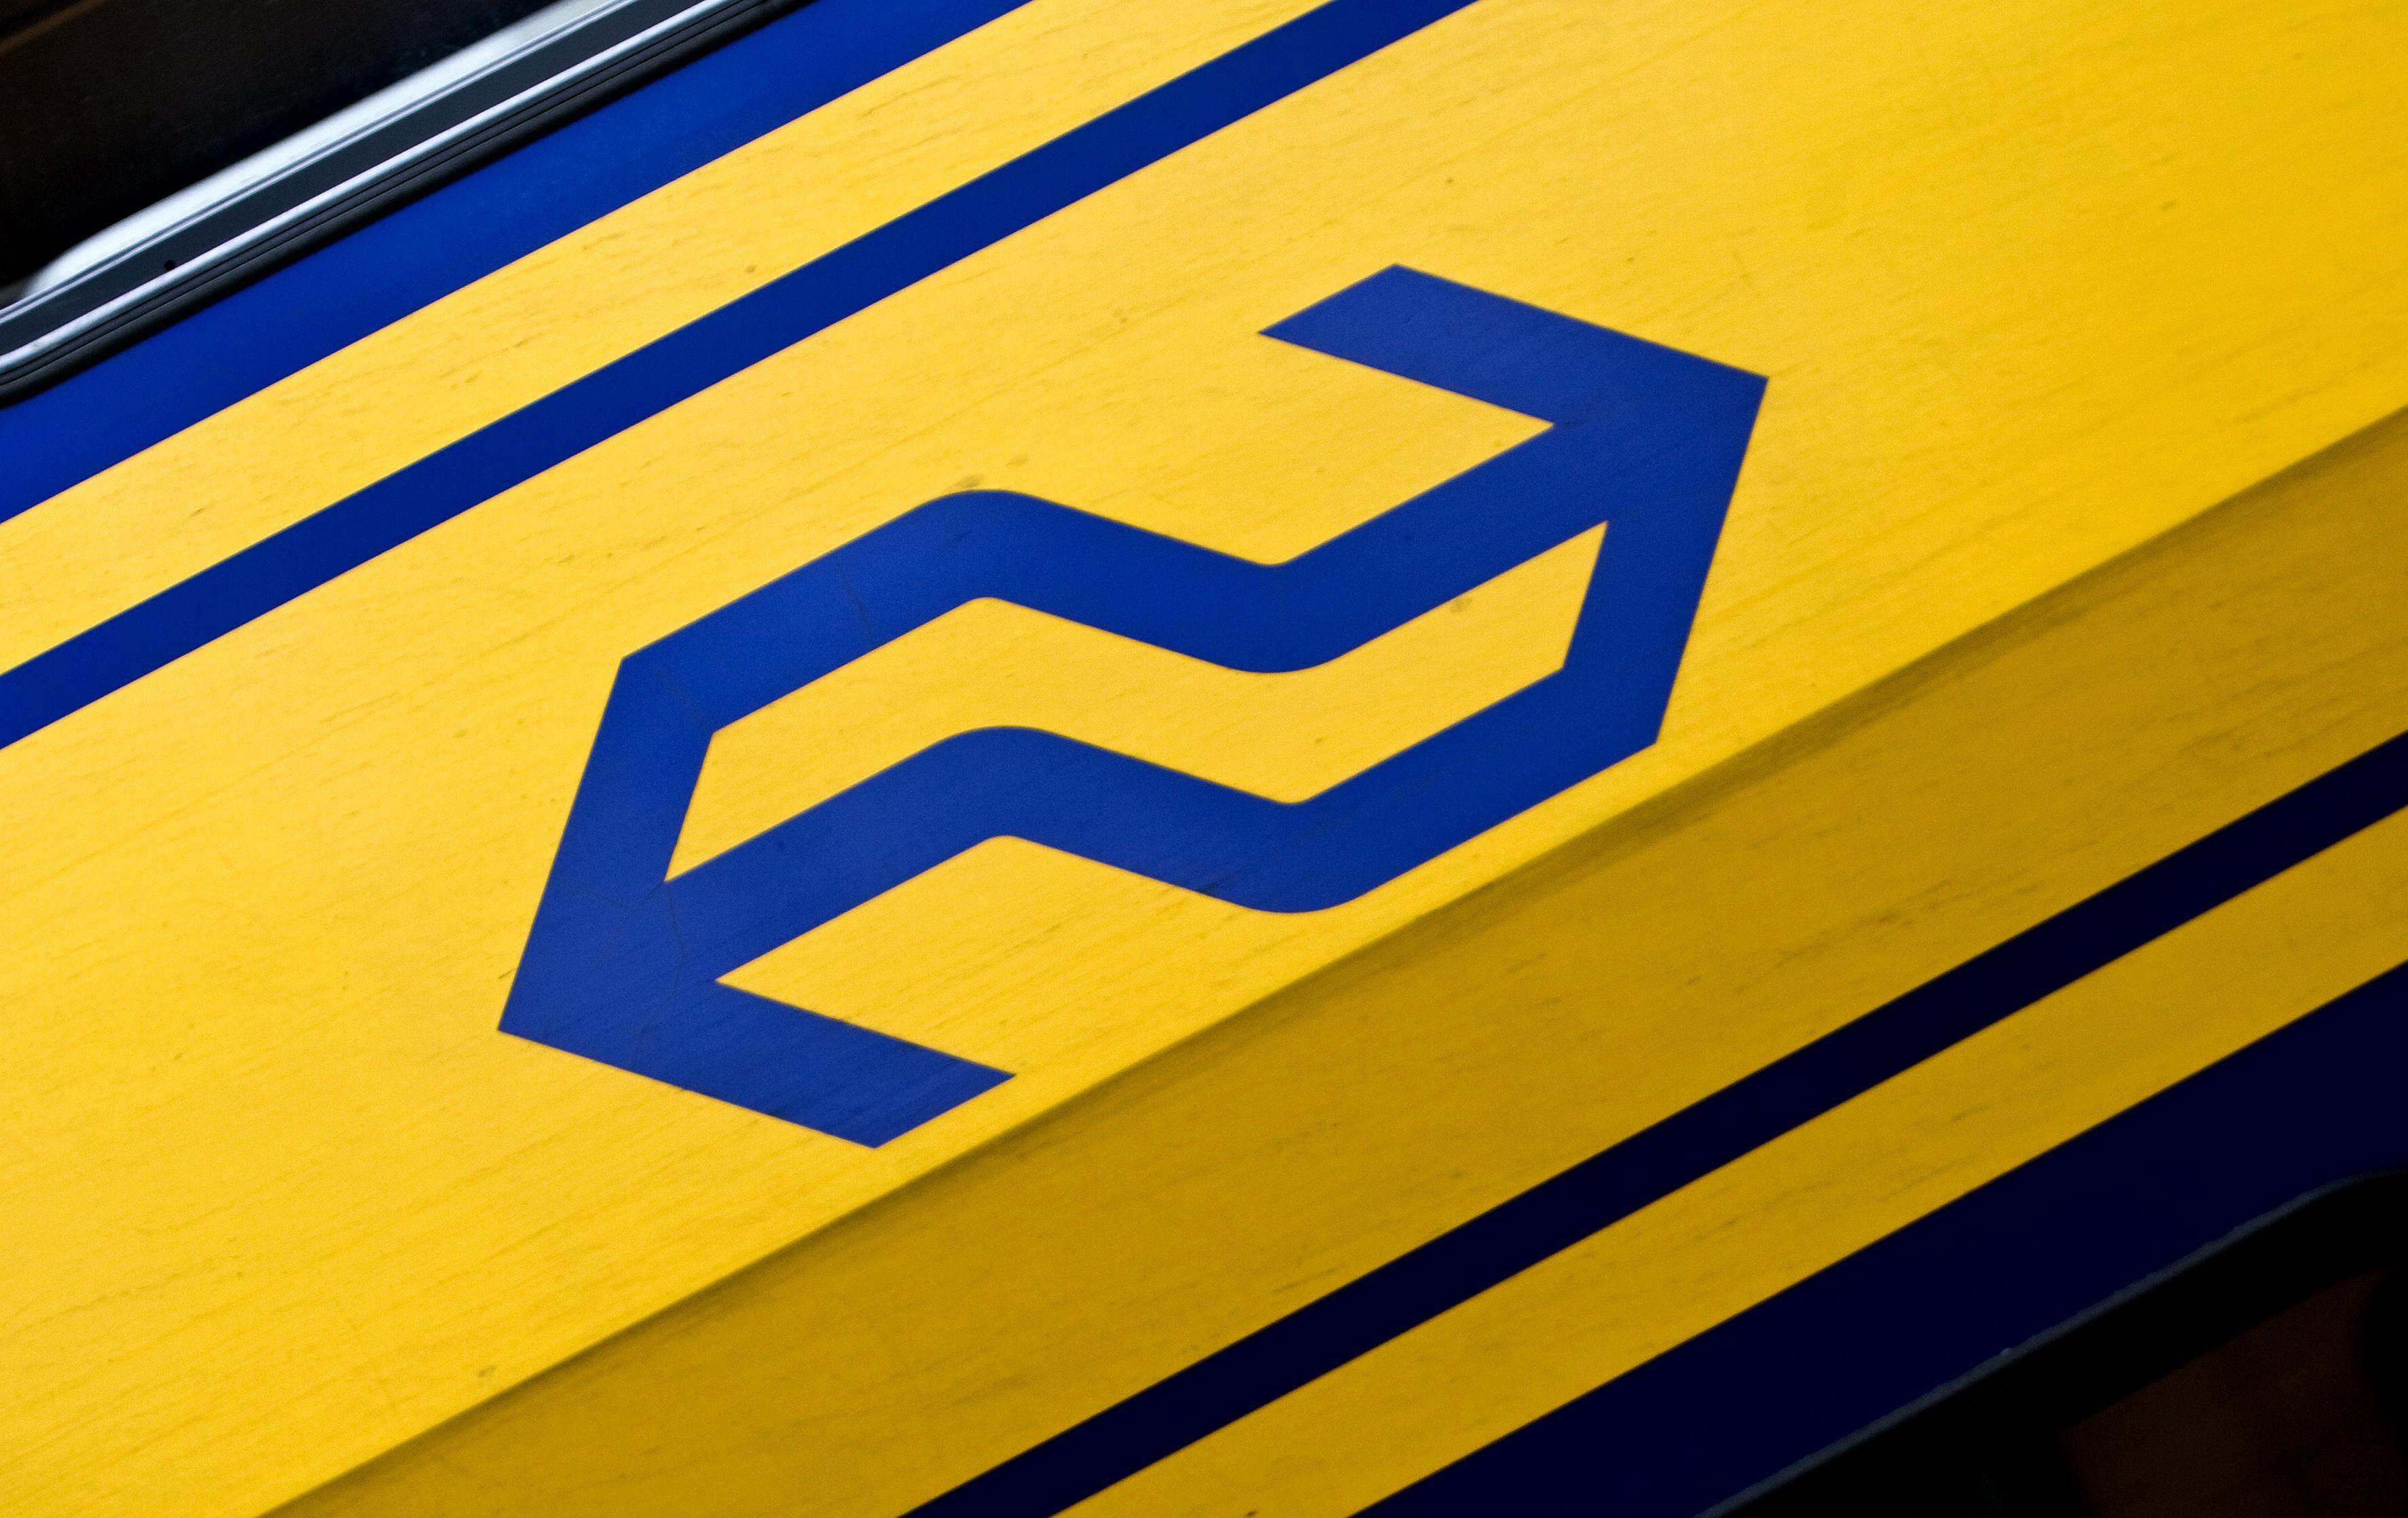 Minder treinverkeer tussen Weesp en Almere door defecte trein